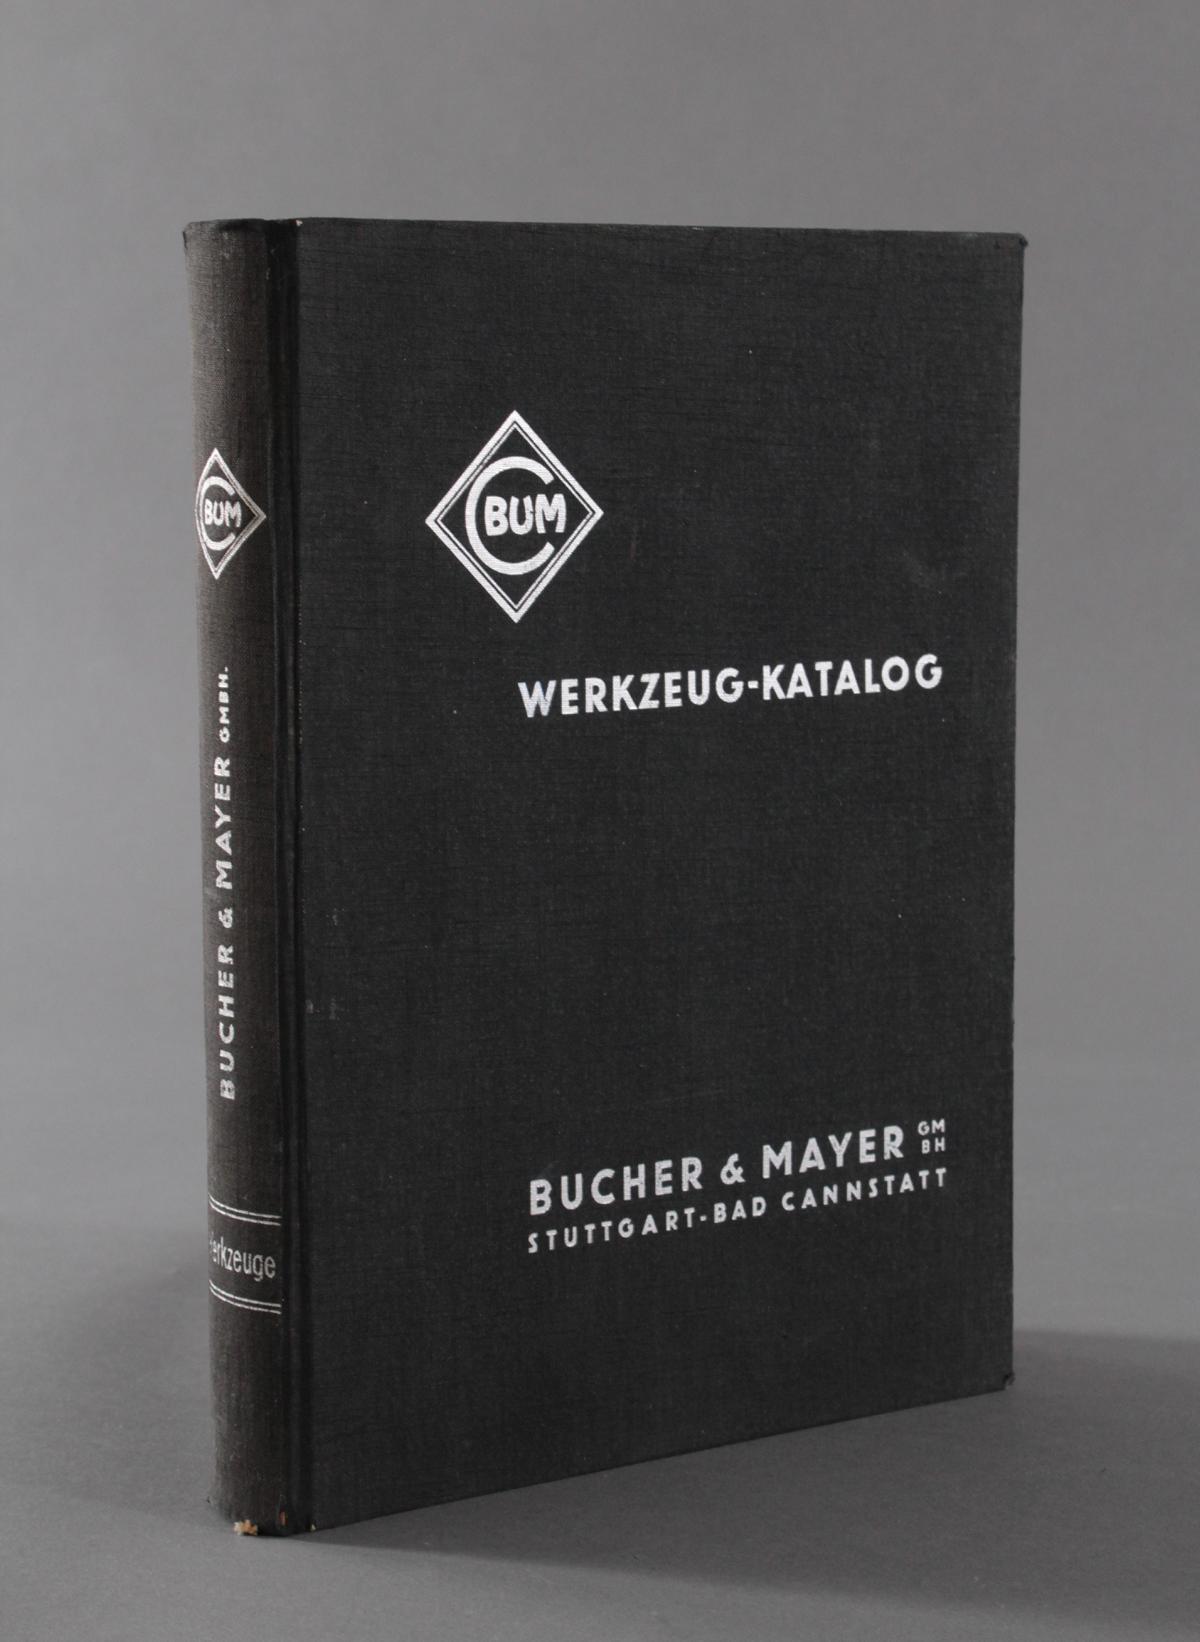 C. Blum Werkzeug Katalog von 1920